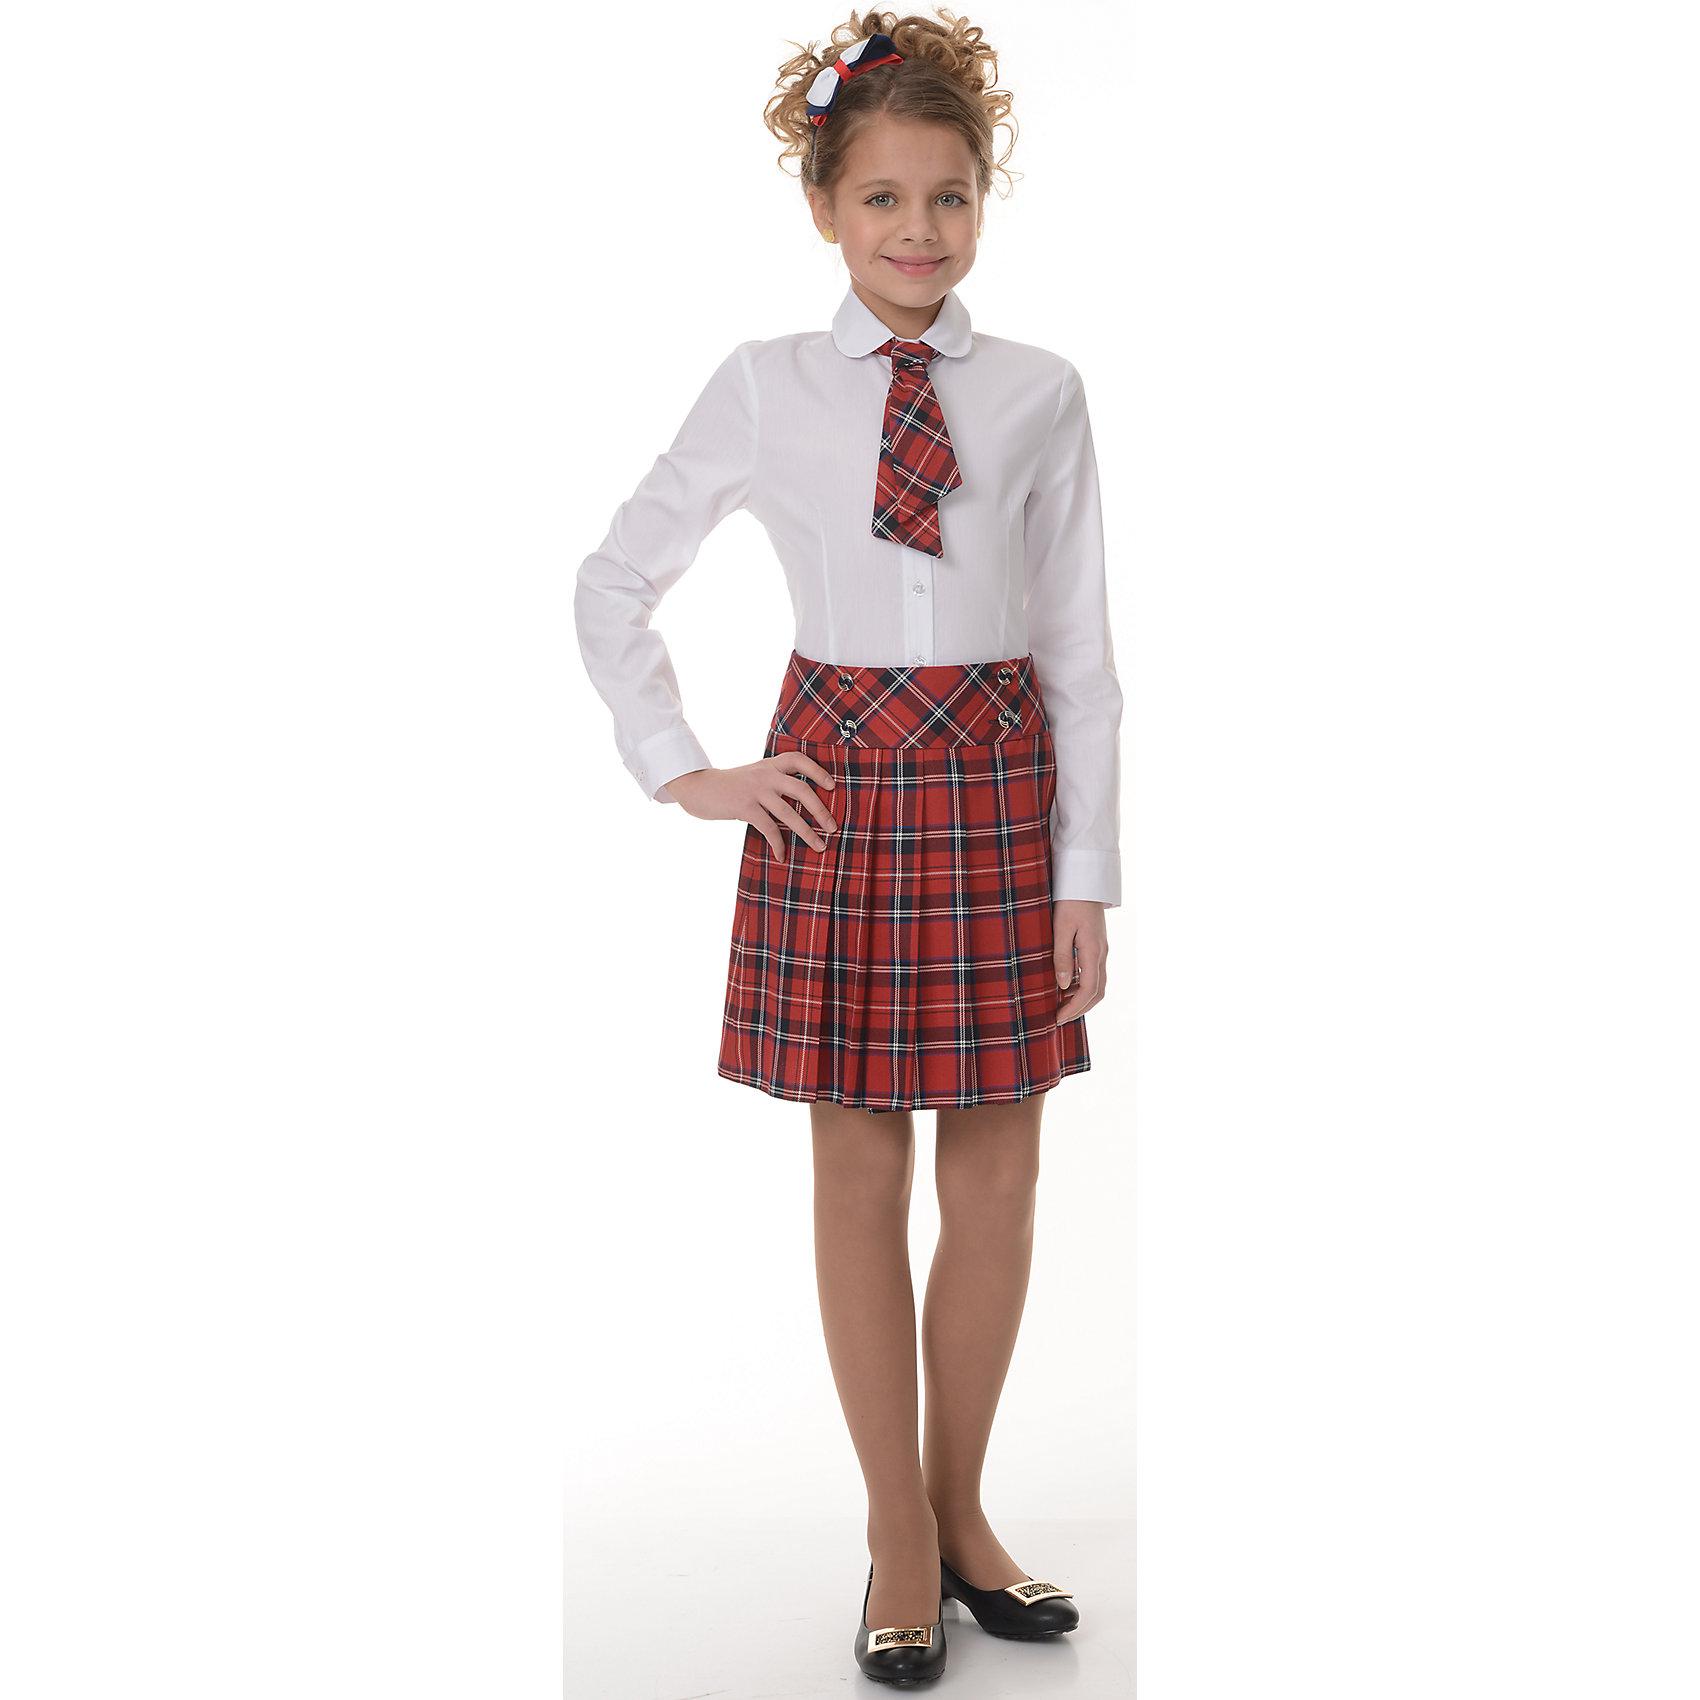 Юбка Рио-Габардин для девочки SkylakeЮбки<br>Расклешенная юбка  с запахом для девочек  младшего  и среднего   <br>школьного возраста.<br>Выполнена из смесовой костюмной ткани красного цвета в клетку.<br>Юбка на кокетке, выкроенной по косой, с широким  запахом, <br>застегивающющимся  на  четыре пуговицы.<br>Передняя и задняя половинки юбки с односторонними  складками .<br>Состав:<br>65% п/э, 35% вискоза,<br><br>Ширина мм: 207<br>Глубина мм: 10<br>Высота мм: 189<br>Вес г: 183<br>Цвет: разноцветный<br>Возраст от месяцев: 144<br>Возраст до месяцев: 156<br>Пол: Женский<br>Возраст: Детский<br>Размер: 158,128,134,140,146,152<br>SKU: 6772854